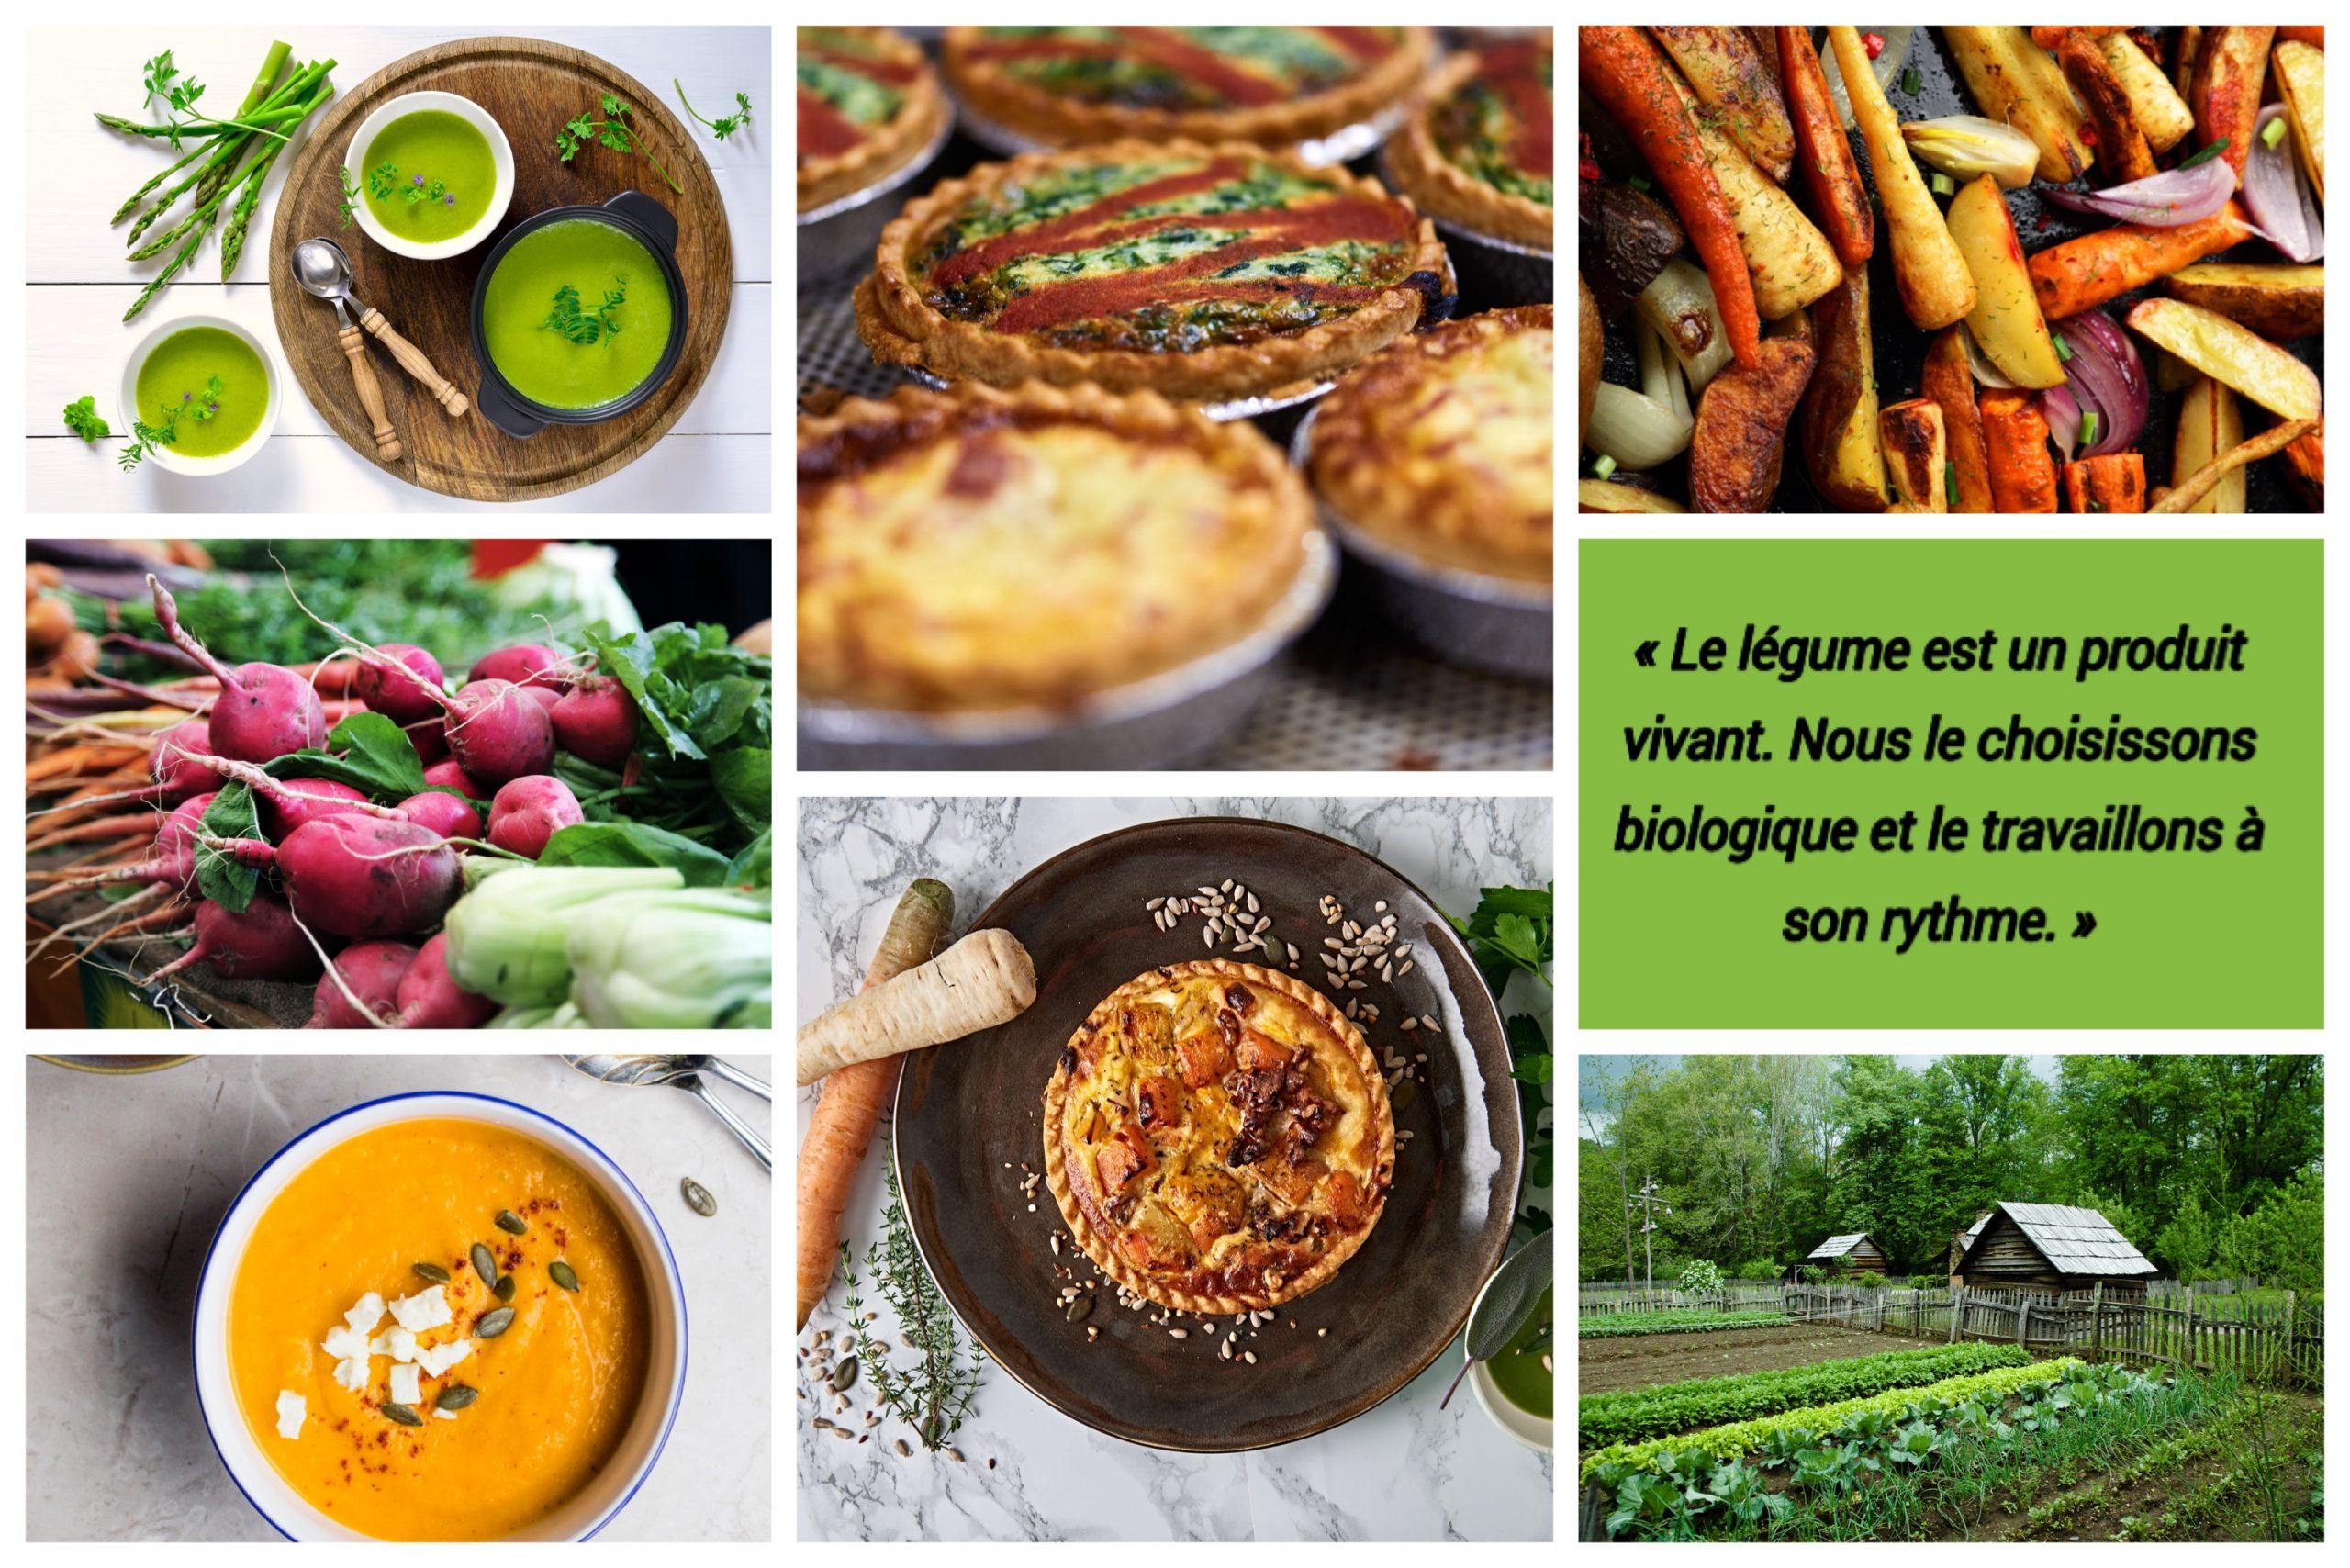 Quels sont les bienfaits des aliments bio ?